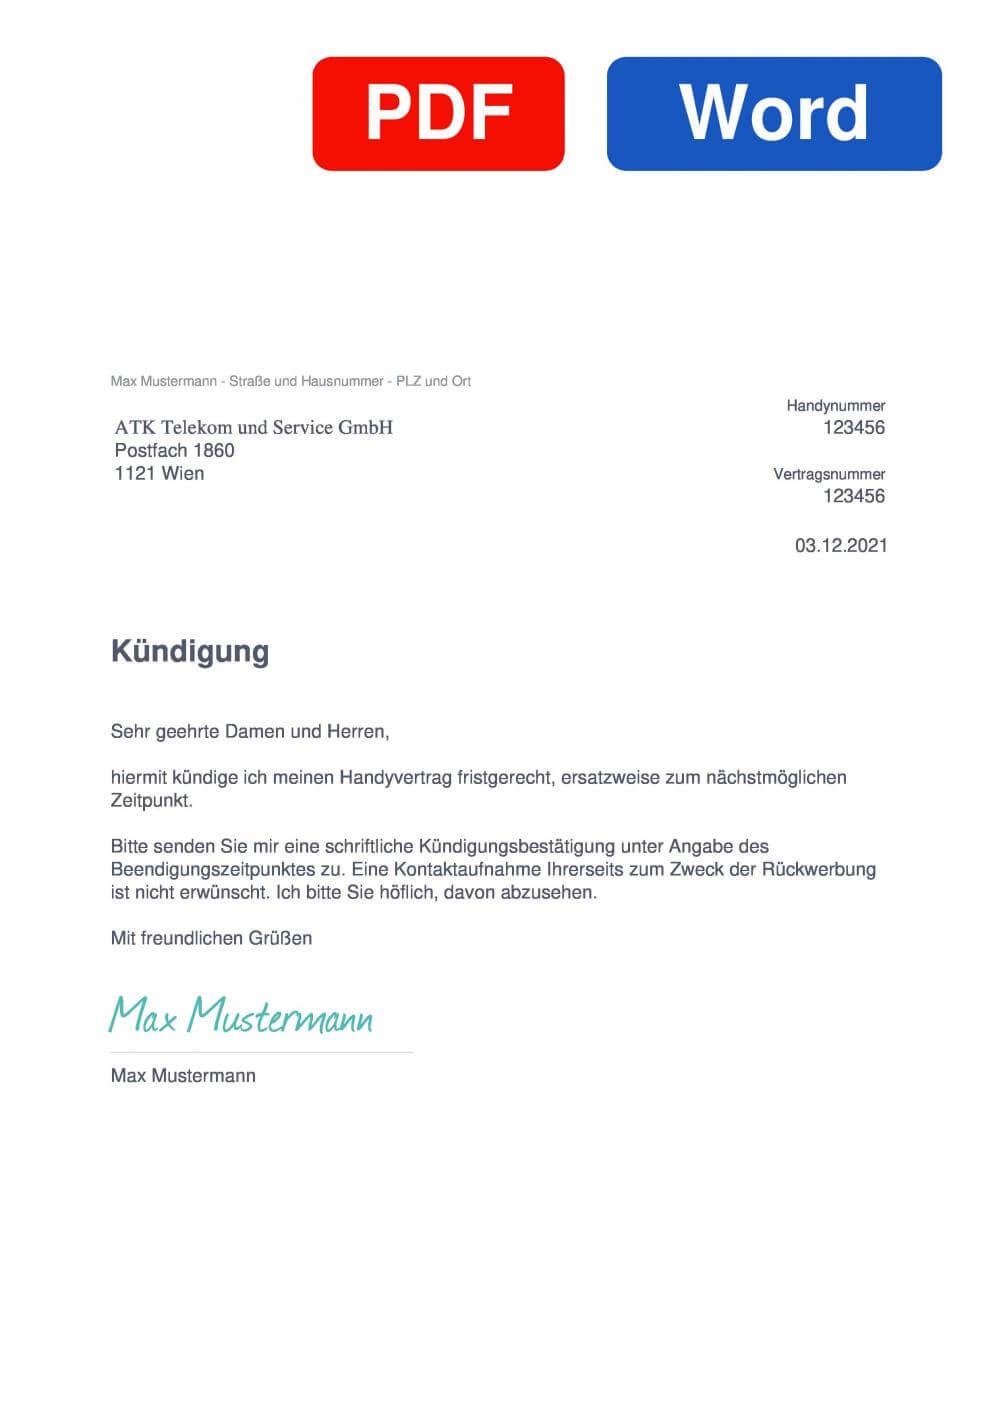 Allianz SIM Muster Vorlage für Kündigungsschreiben